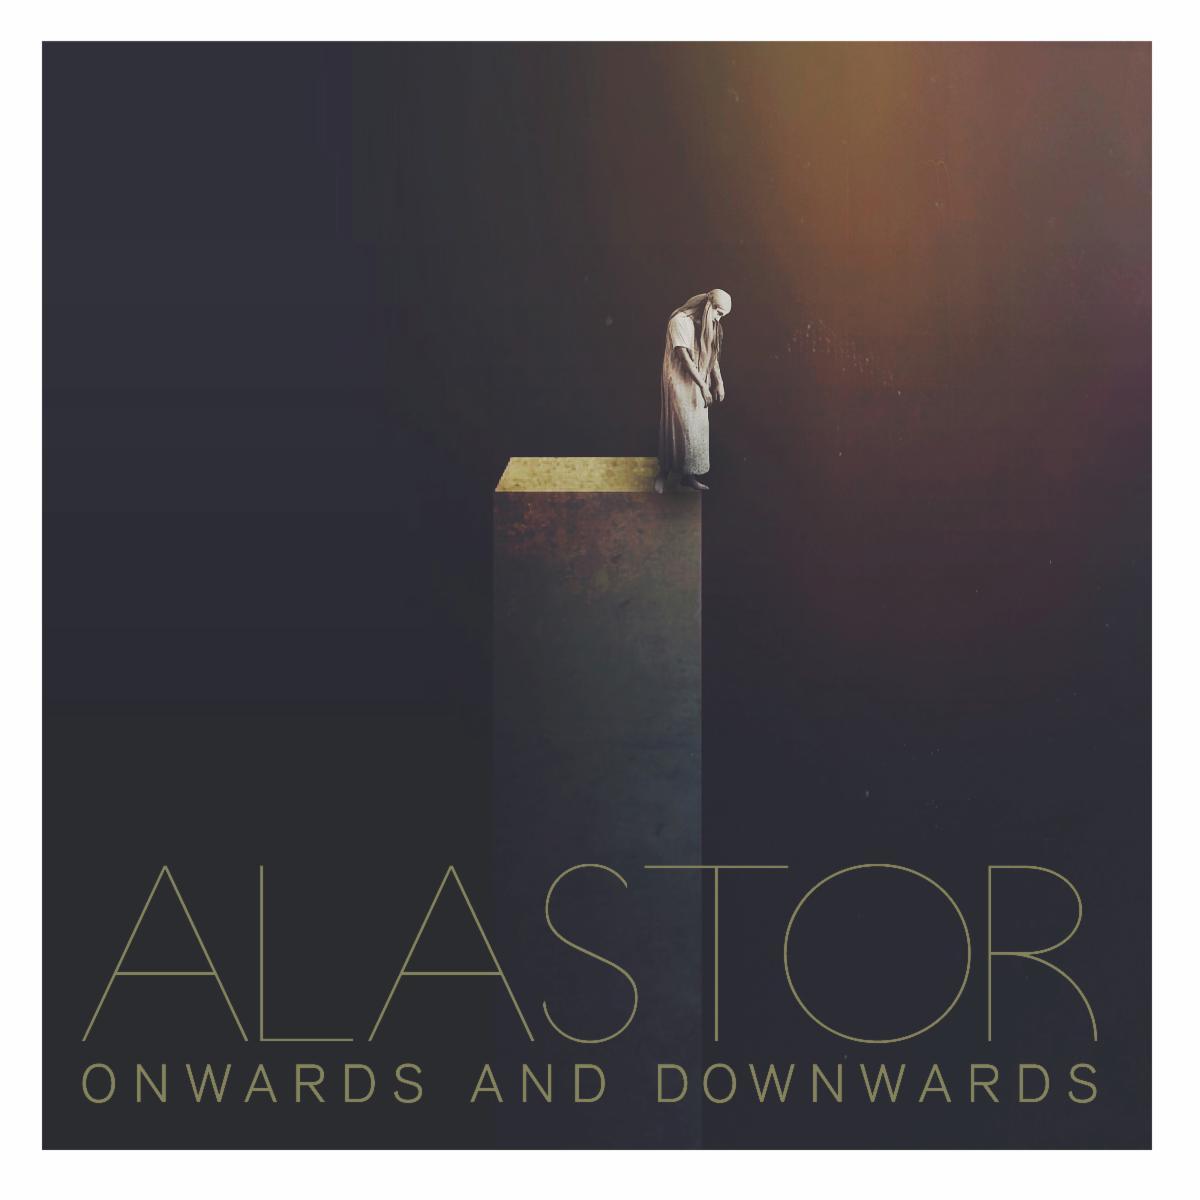 alastor onwards and downwards